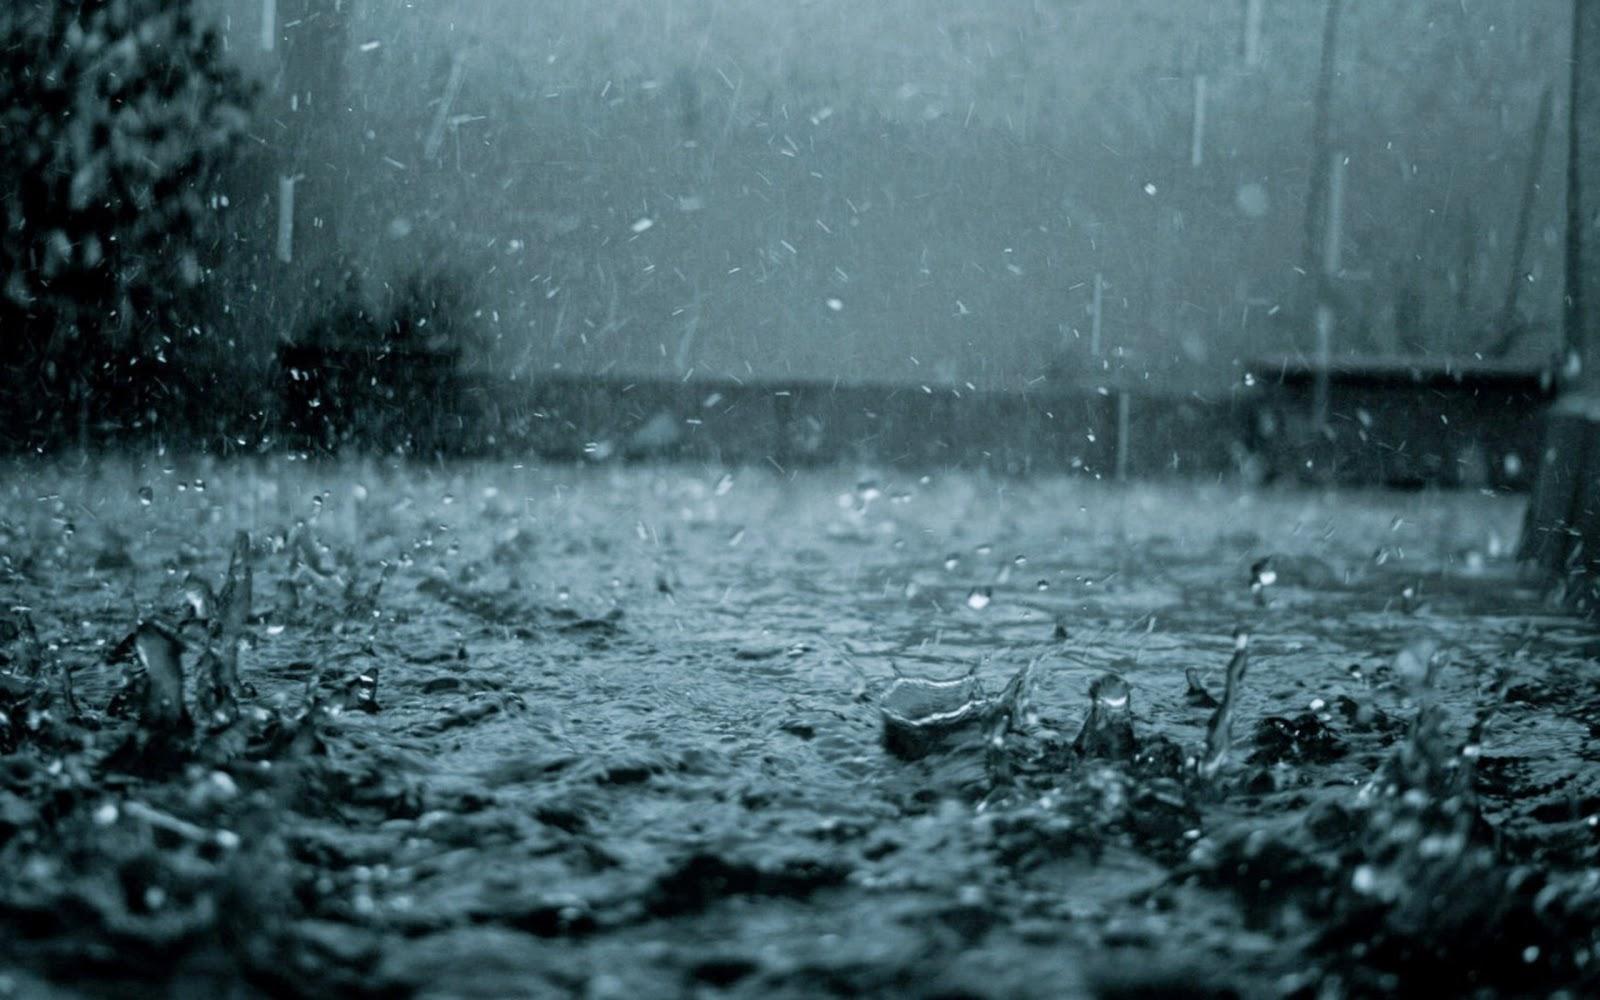 Dự báo thời tiết ngày mai 23/11: Chiều tối và đêm có mưa rào rải rác